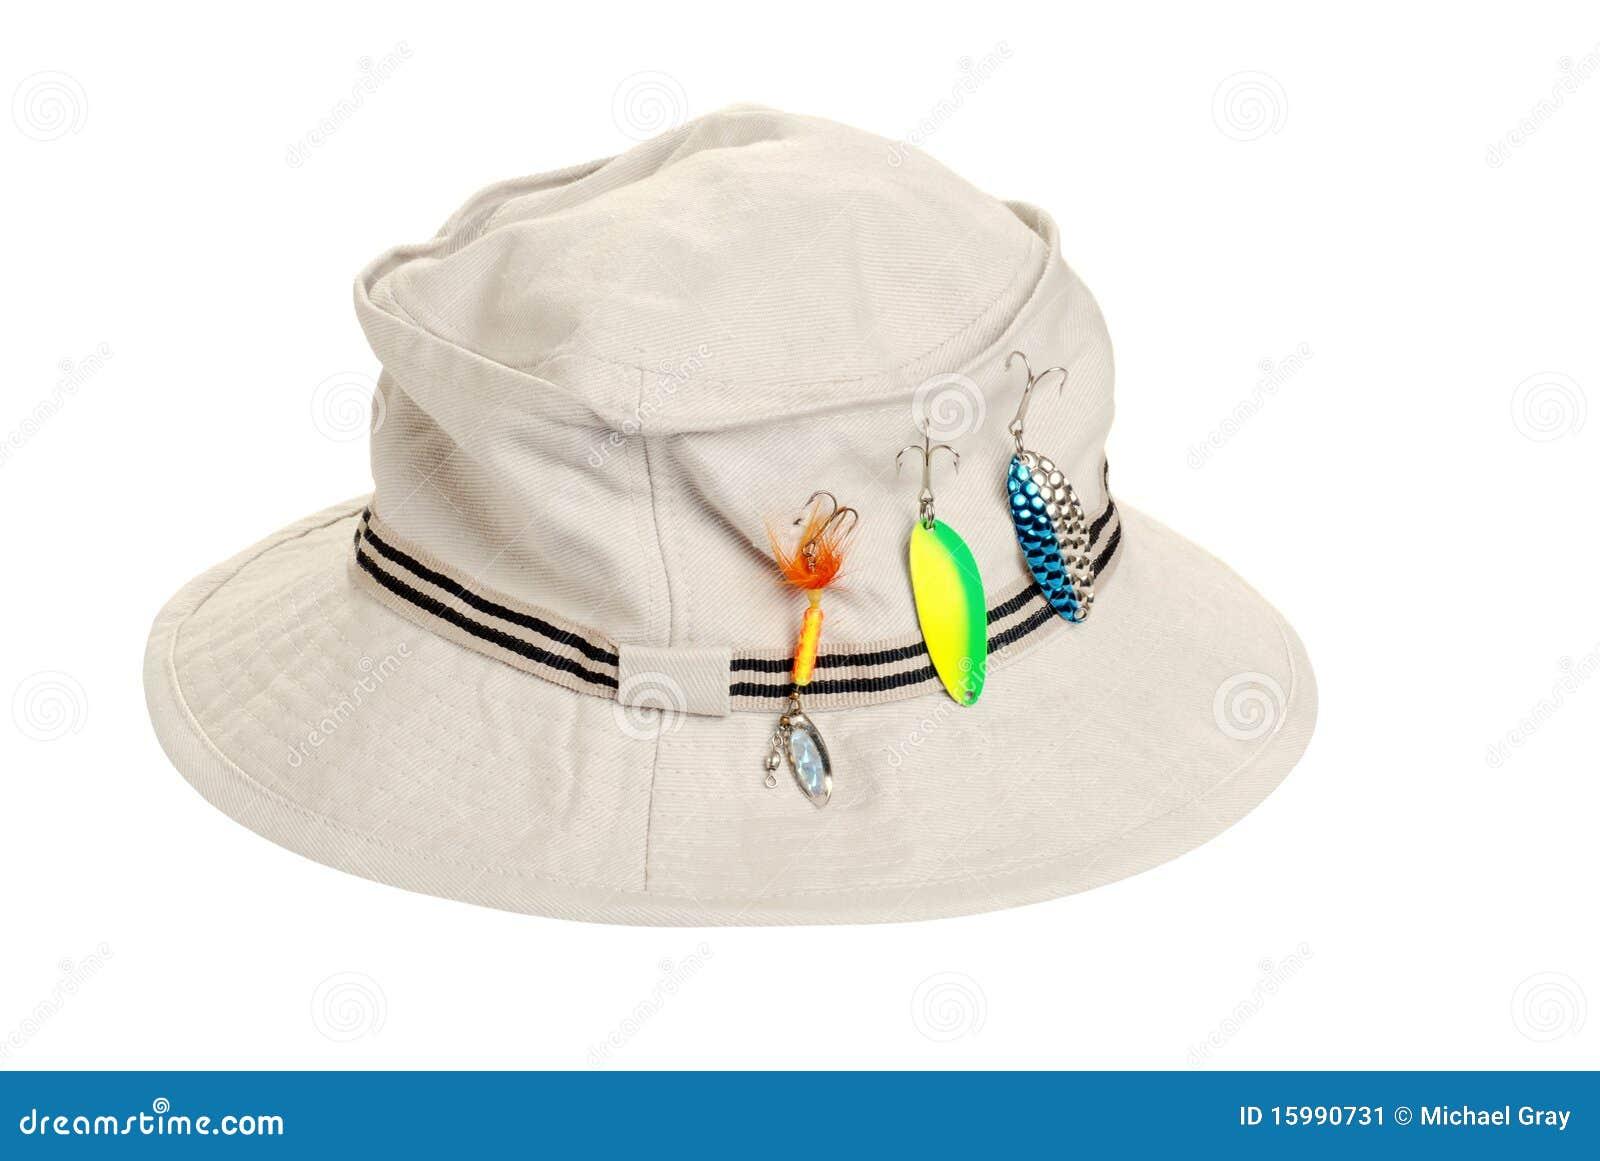 82e602e35f906 Sombrero De Color Caqui Con Los Trastos De Pesca Imagen de archivo ...